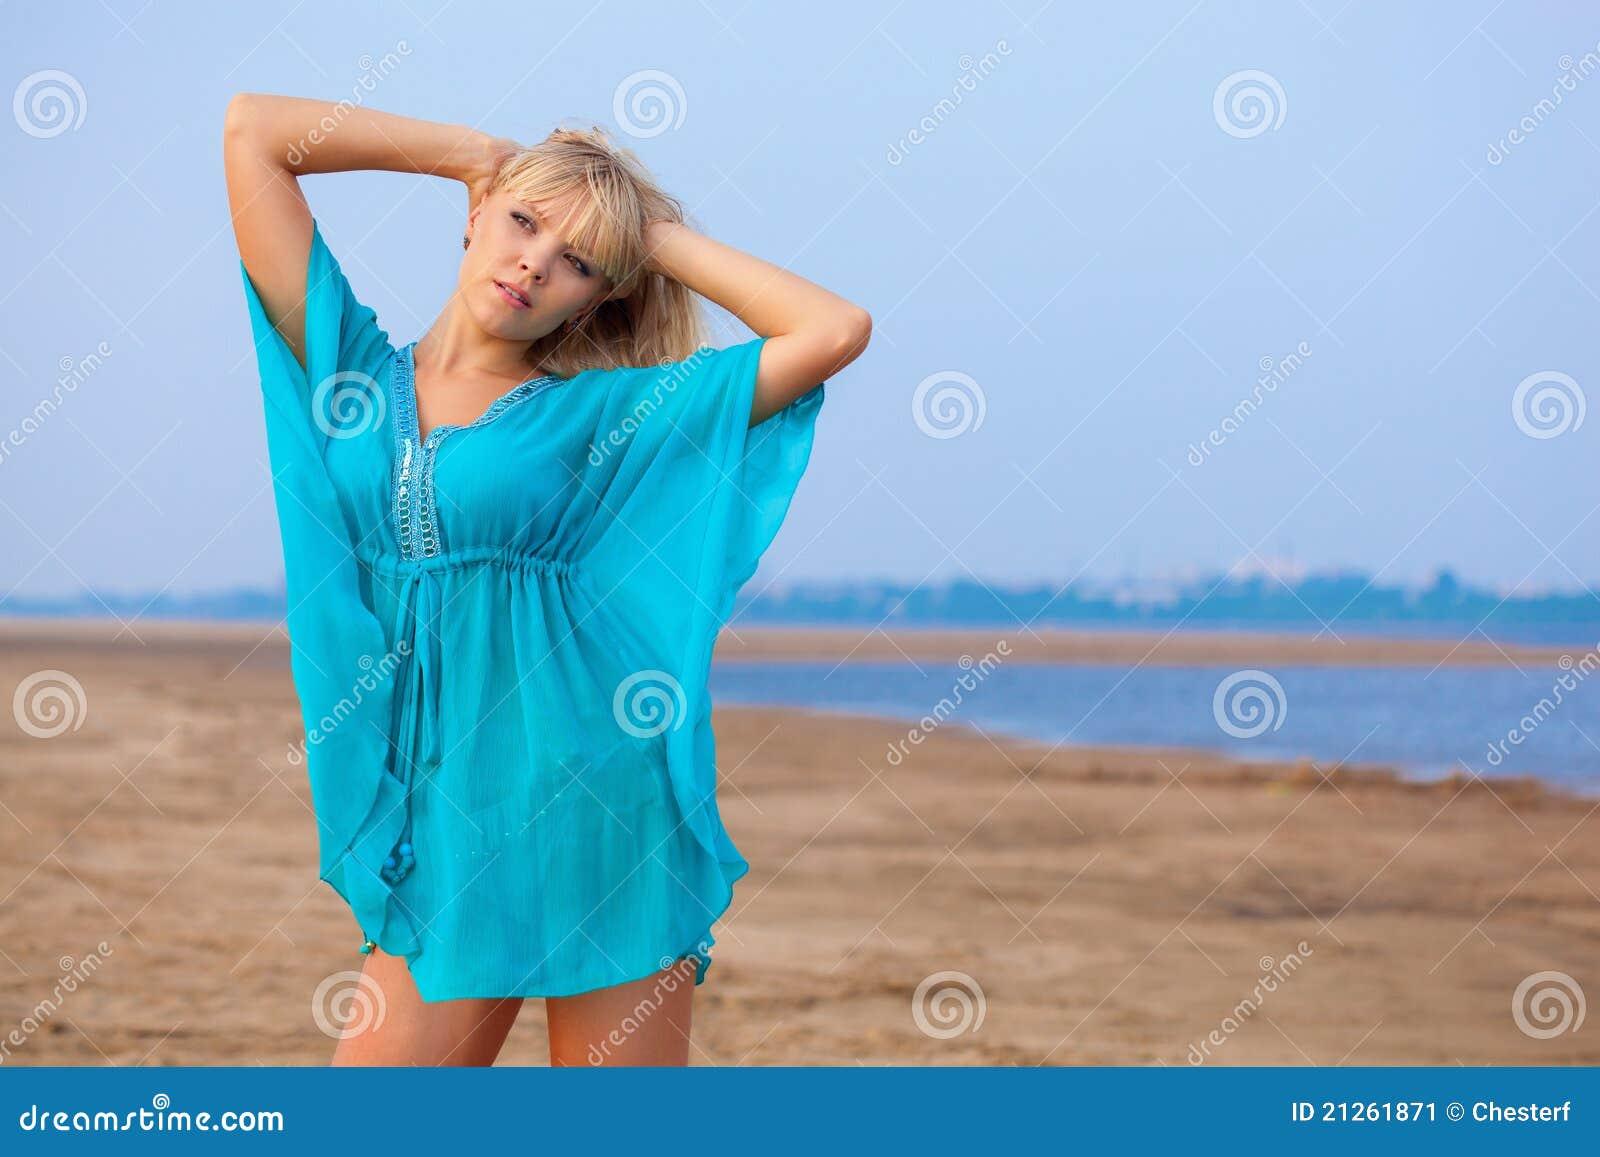 Фотографии полных блондинок 17 фотография